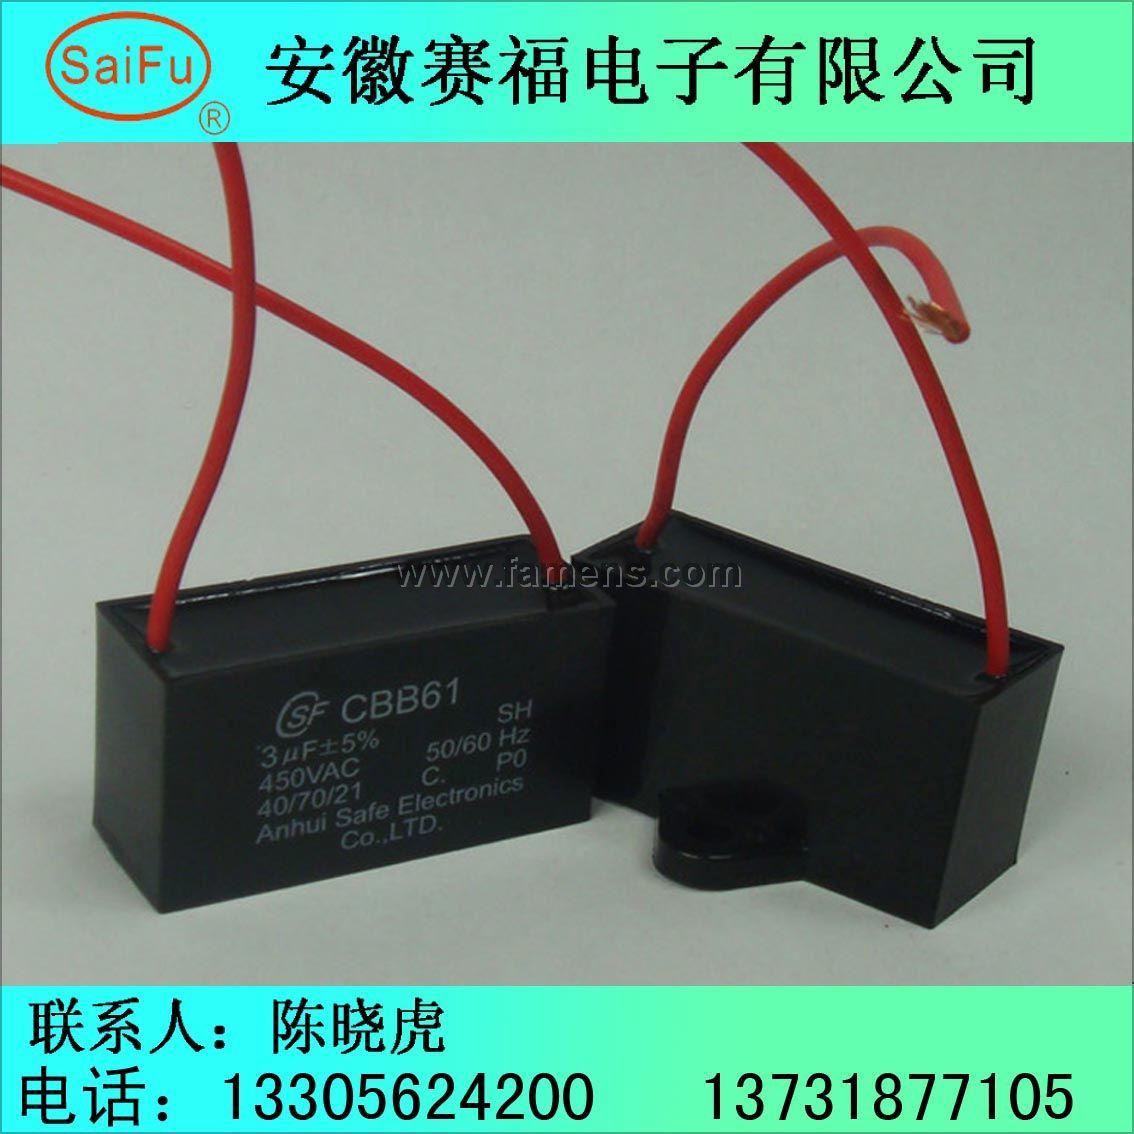 轴流风扇启动运行引线电容器cbb61 7.5uf450vac